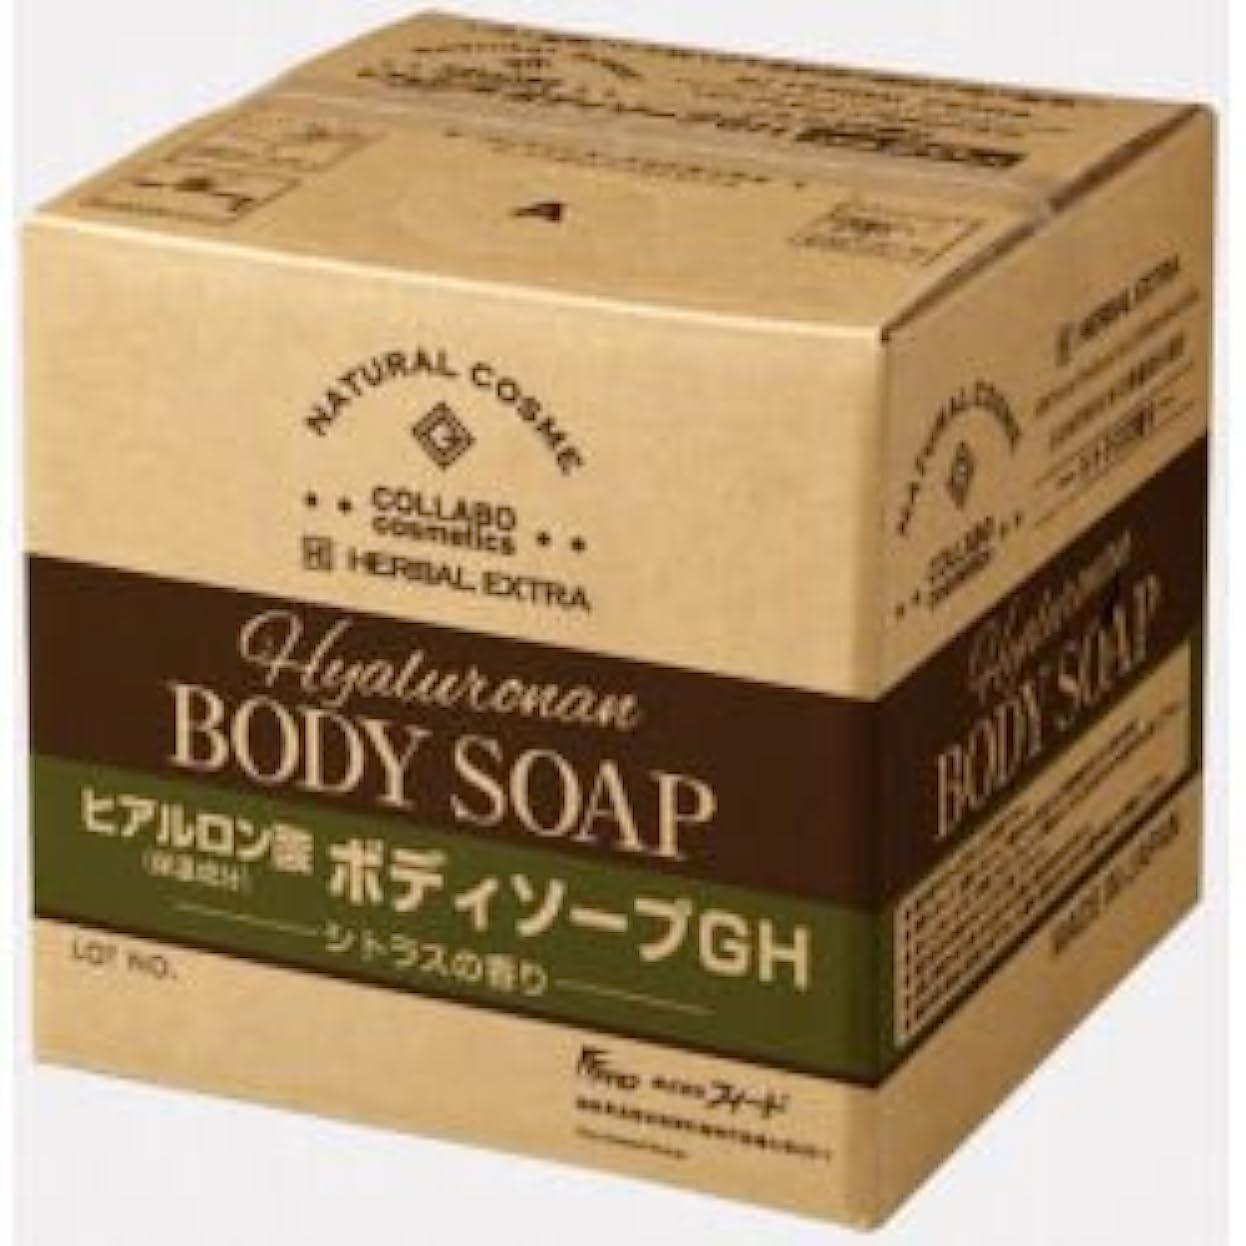 誇りに思うハンドブック卑しいゼミド×ハーバルエクストラ ヒアルロン酸ボディソープGH シトラスの香り 20kg